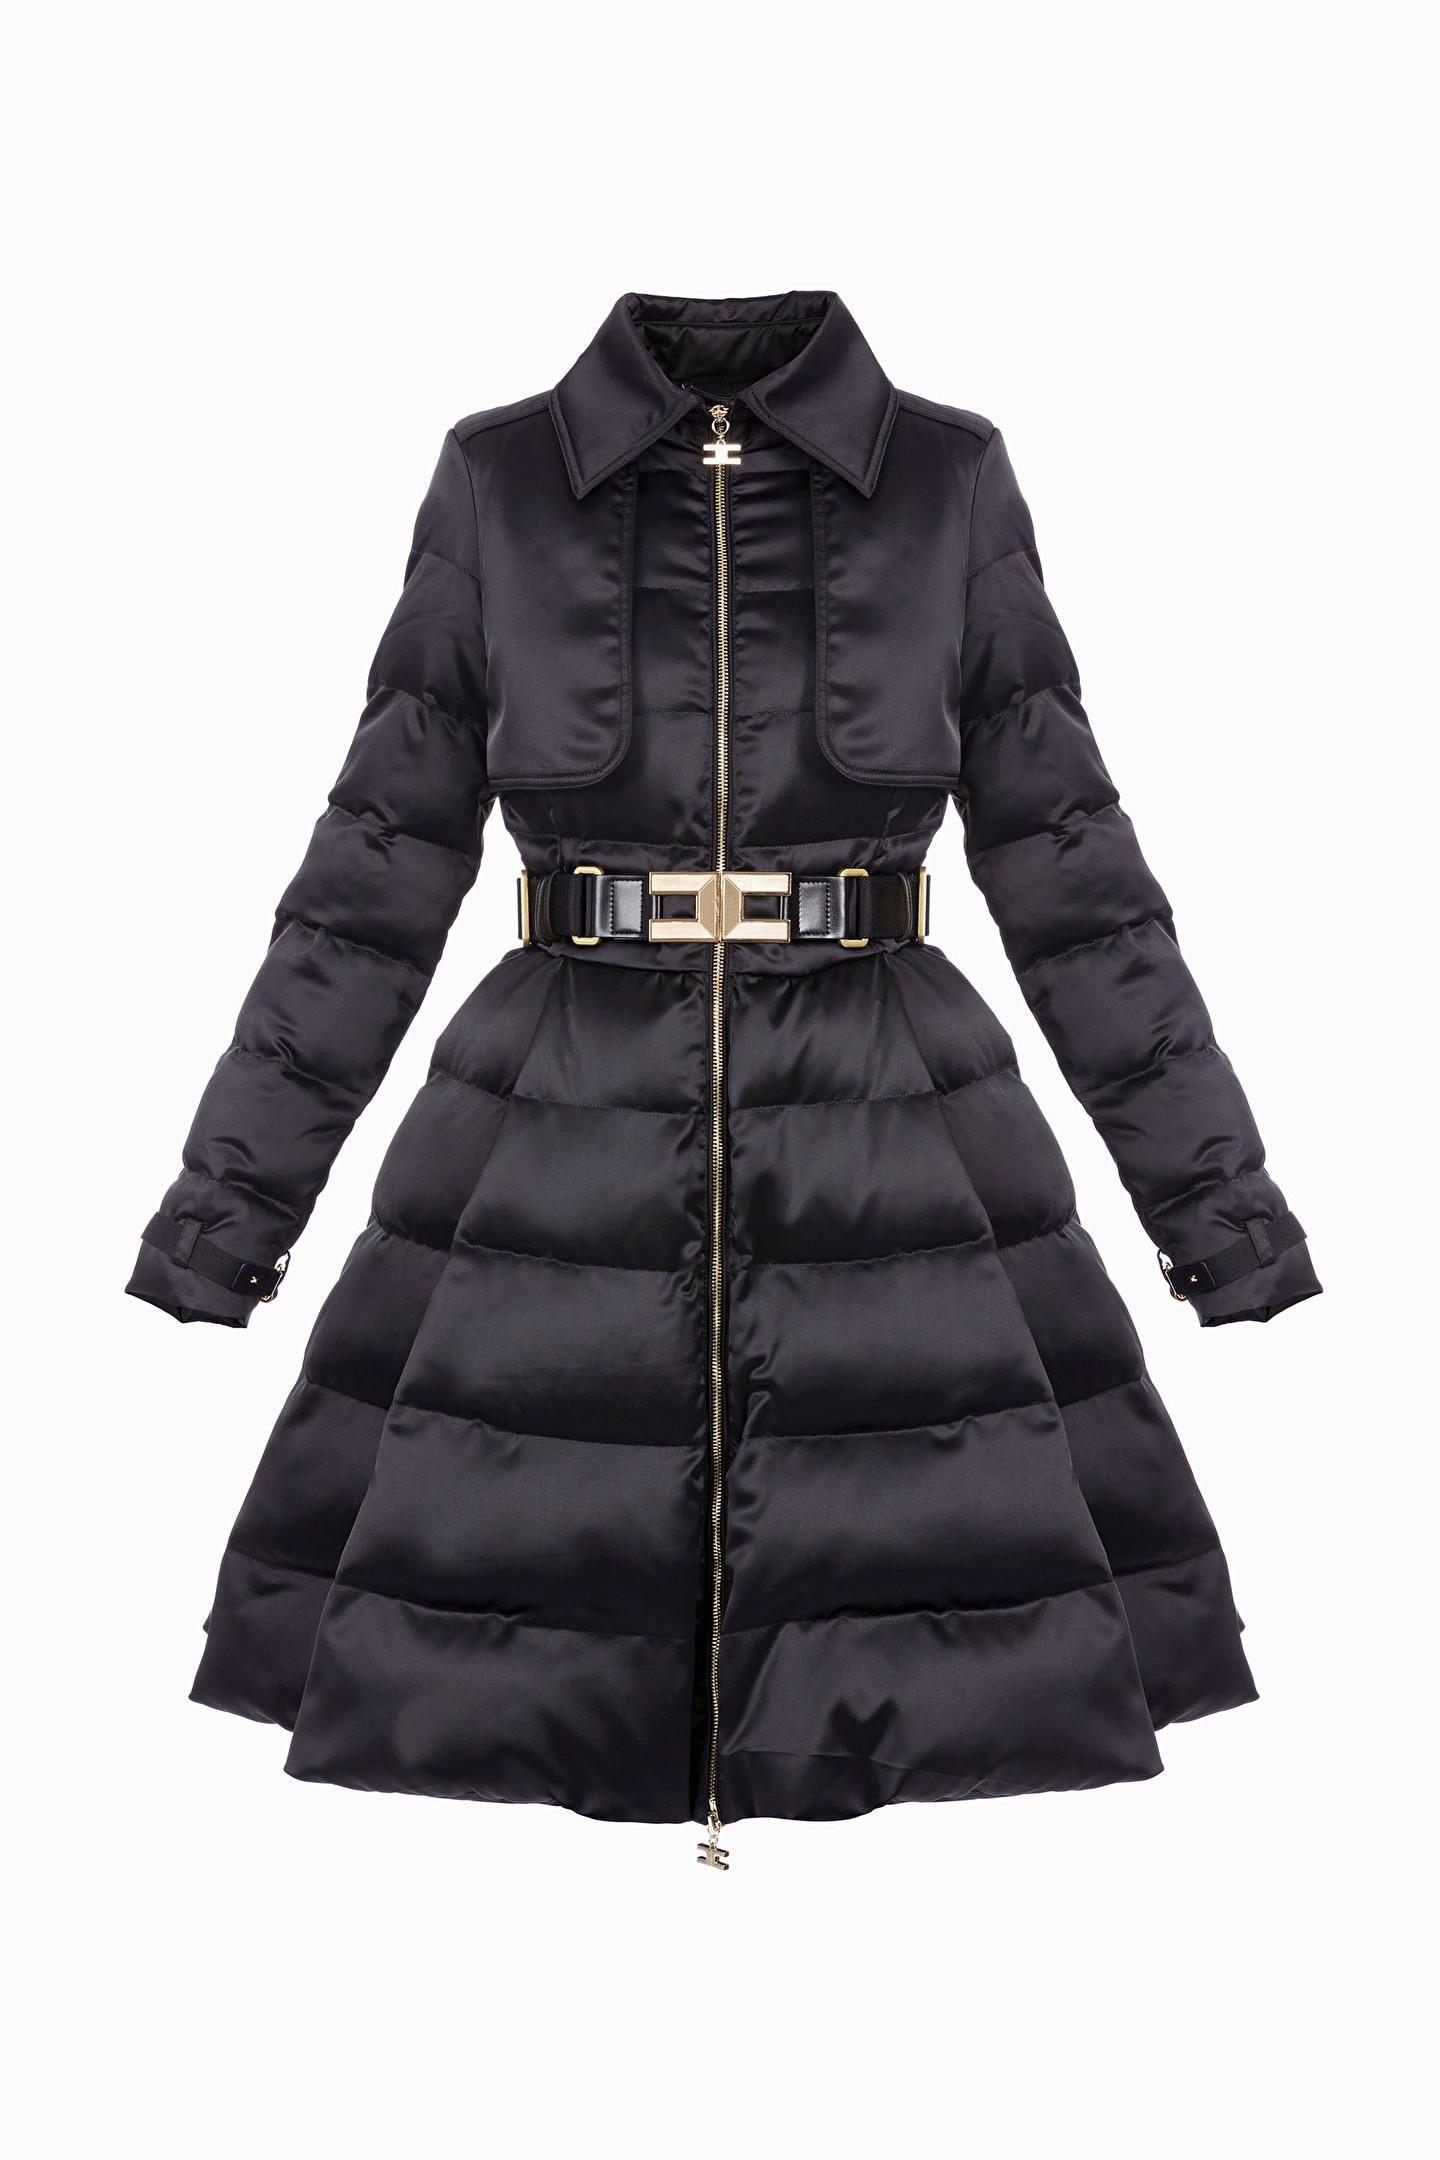 Coats and jackets   Piumino con cintura Elisabetta Franchi (Taglia 44) d80c61c0d68